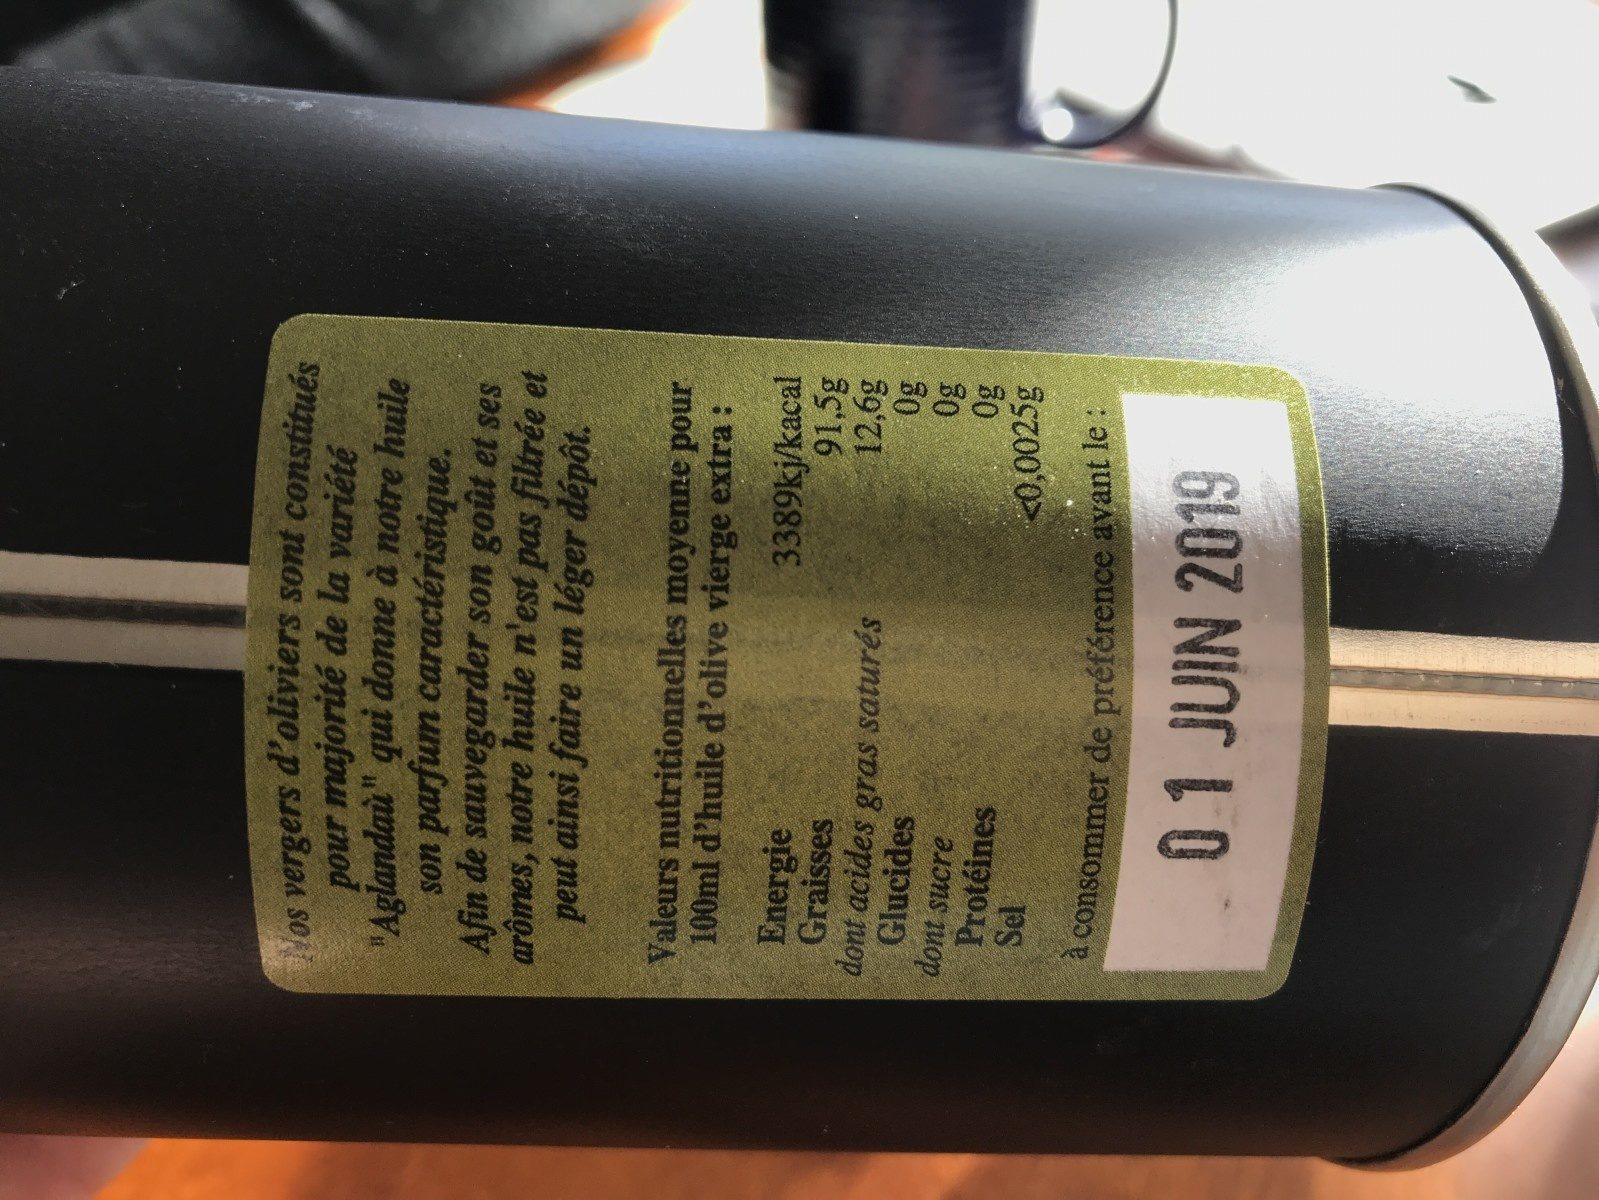 Huile d'olive vierge extra - Ingrédients - fr